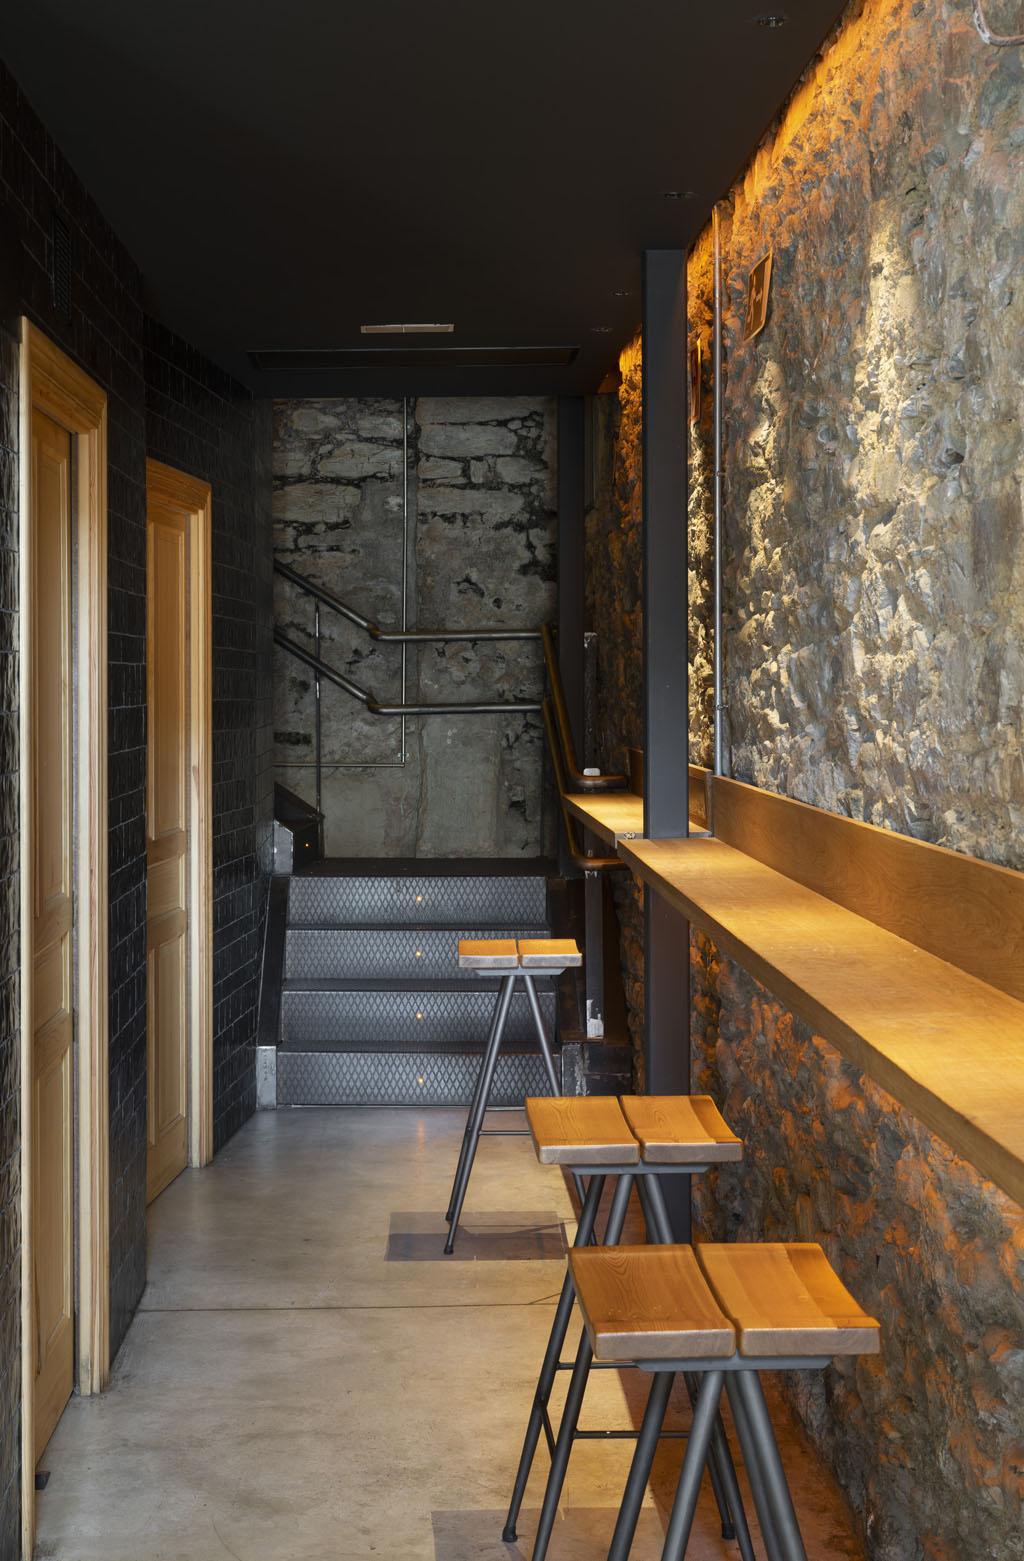 LE.BASQUE_web_008-Erlantz Biderbost fotografo de arquitectura e interiores